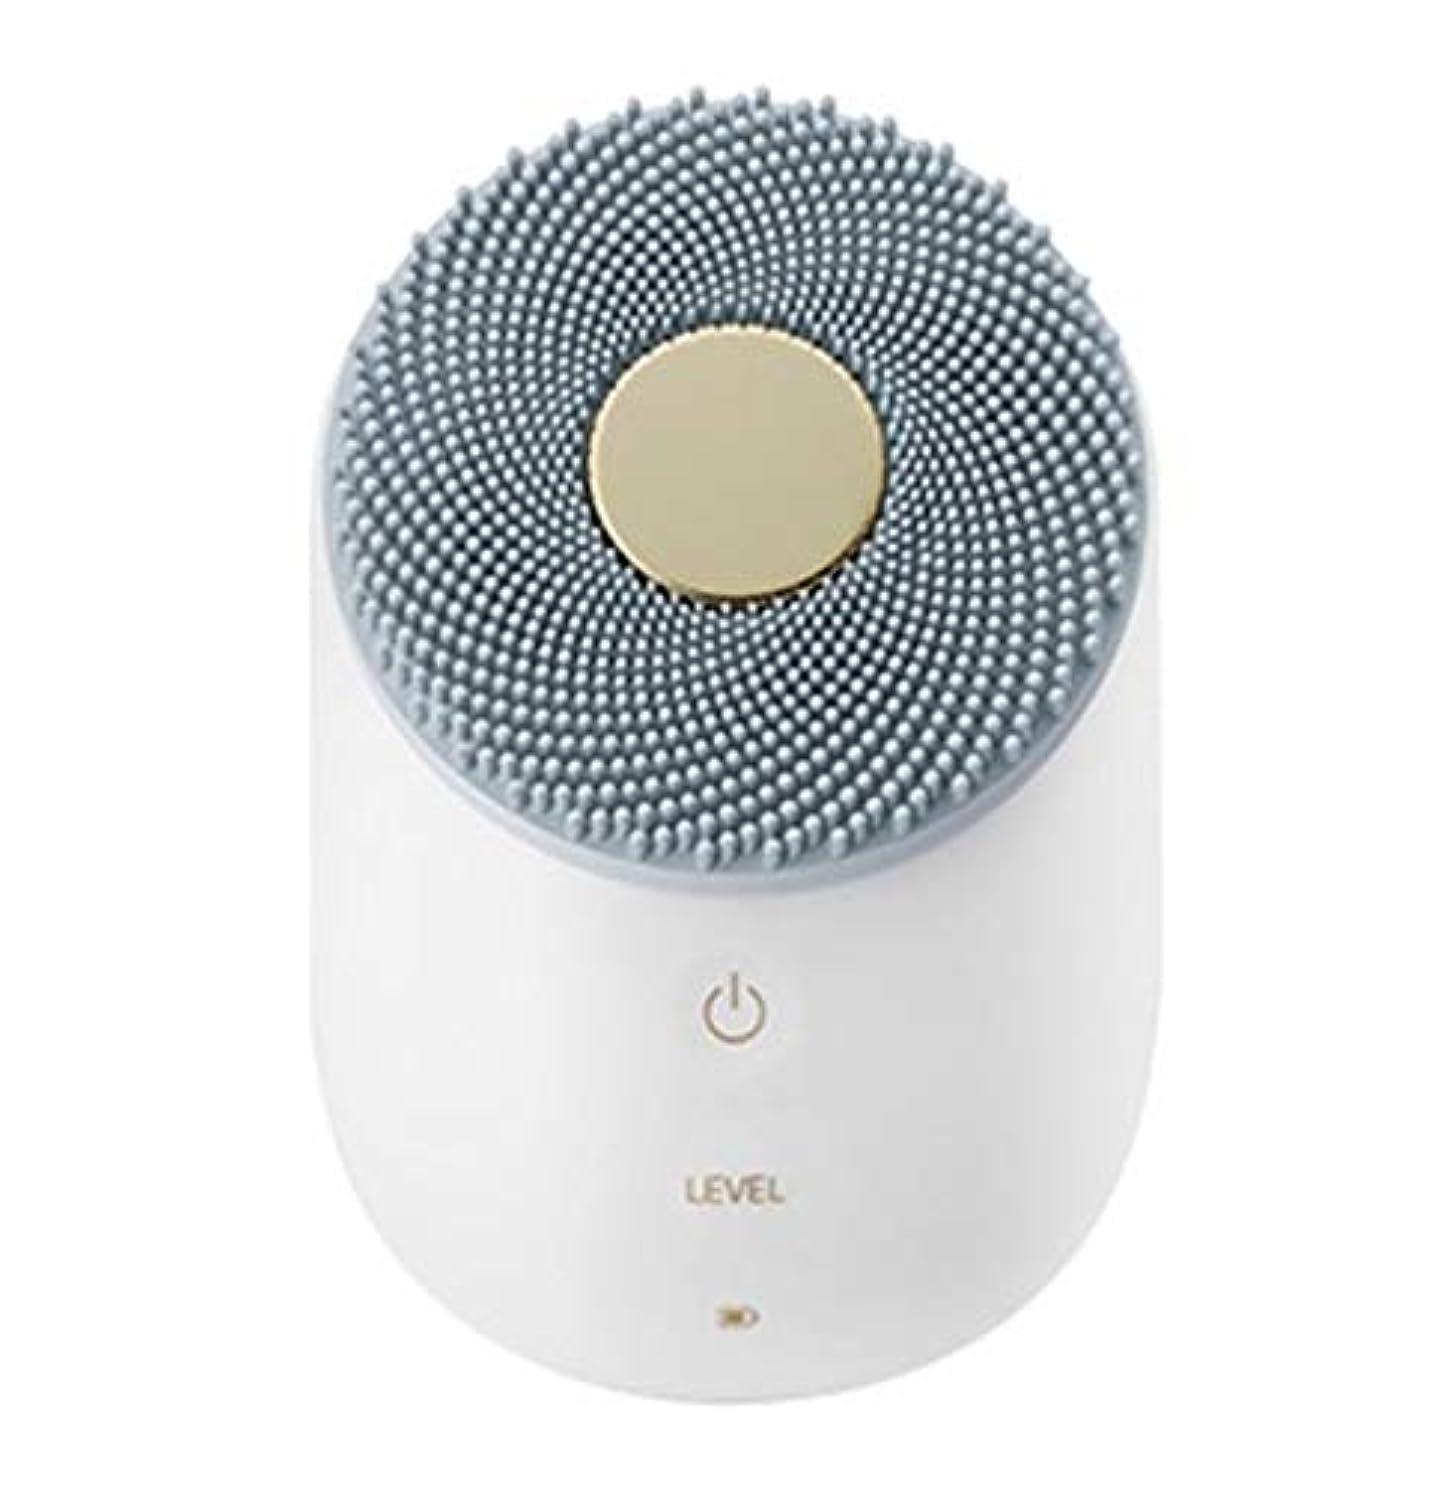 降伏征服者野な(LGエレクトロニクス) LG Electronics Pra.L 超音波 振動 クレンジング 美肌 フェイシャル 洗顔 ブラシ [並行輸入品]